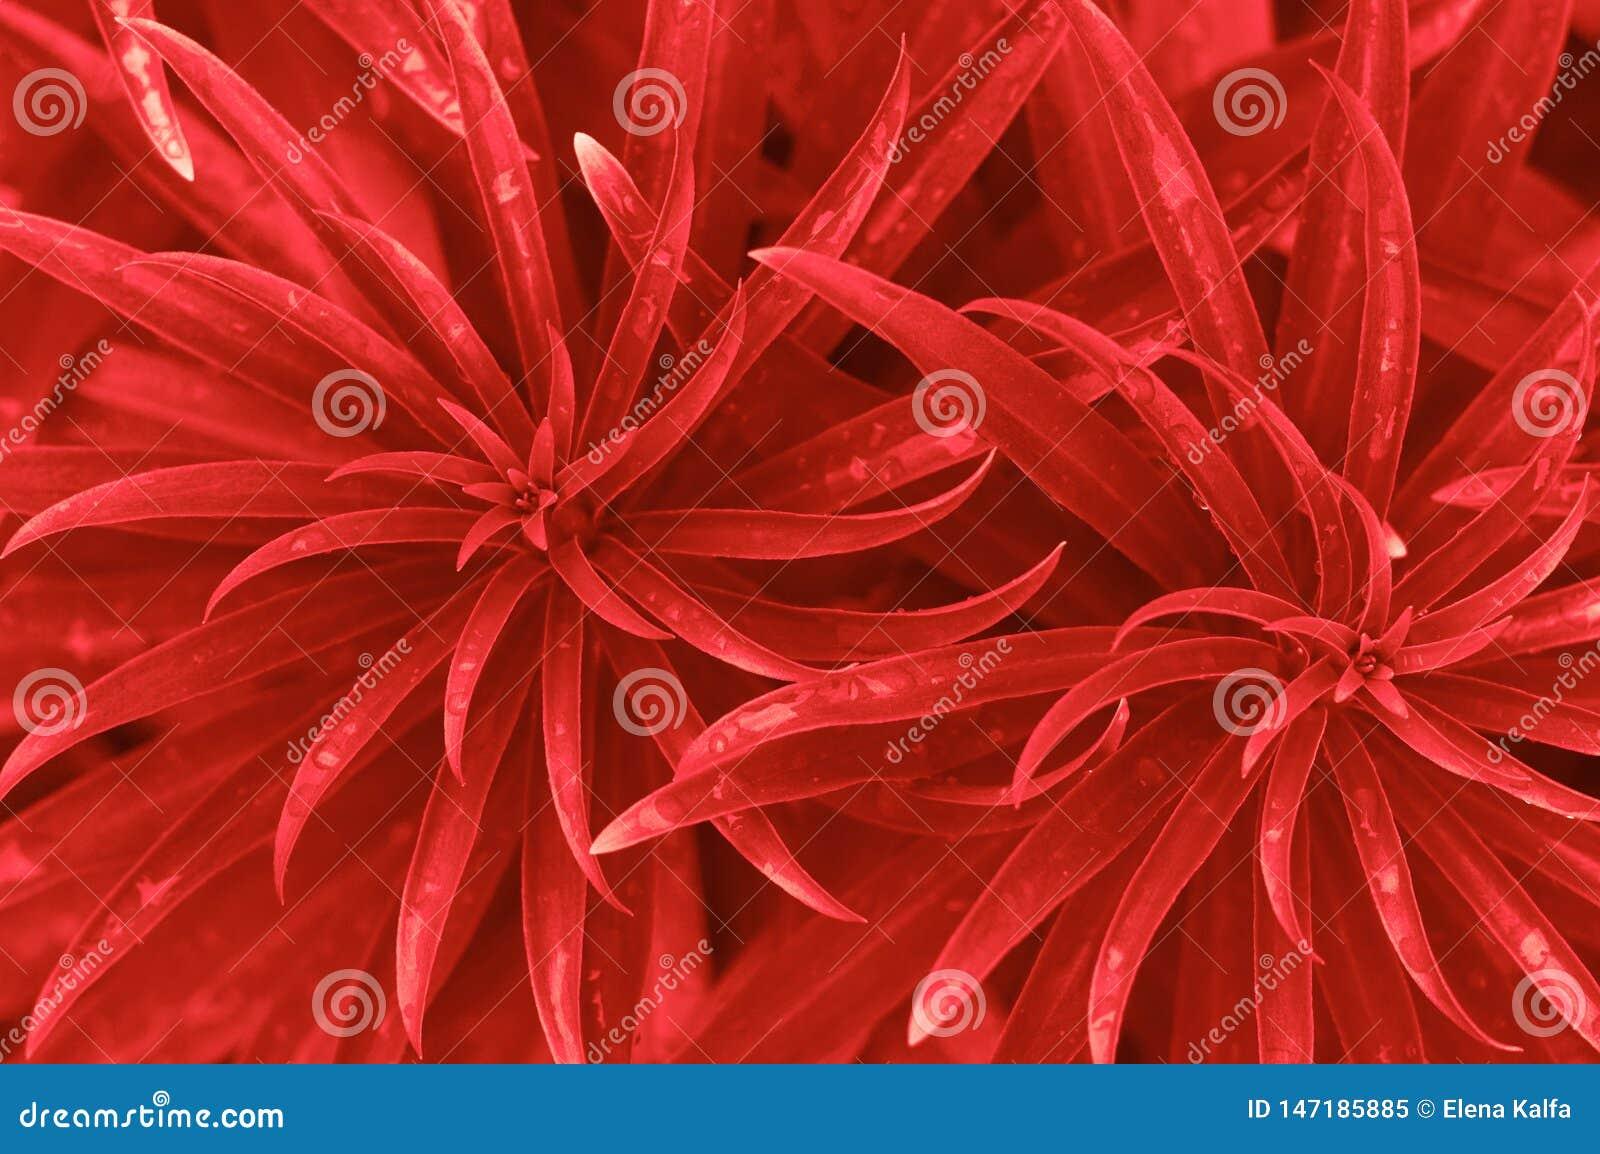 红色叶子背景